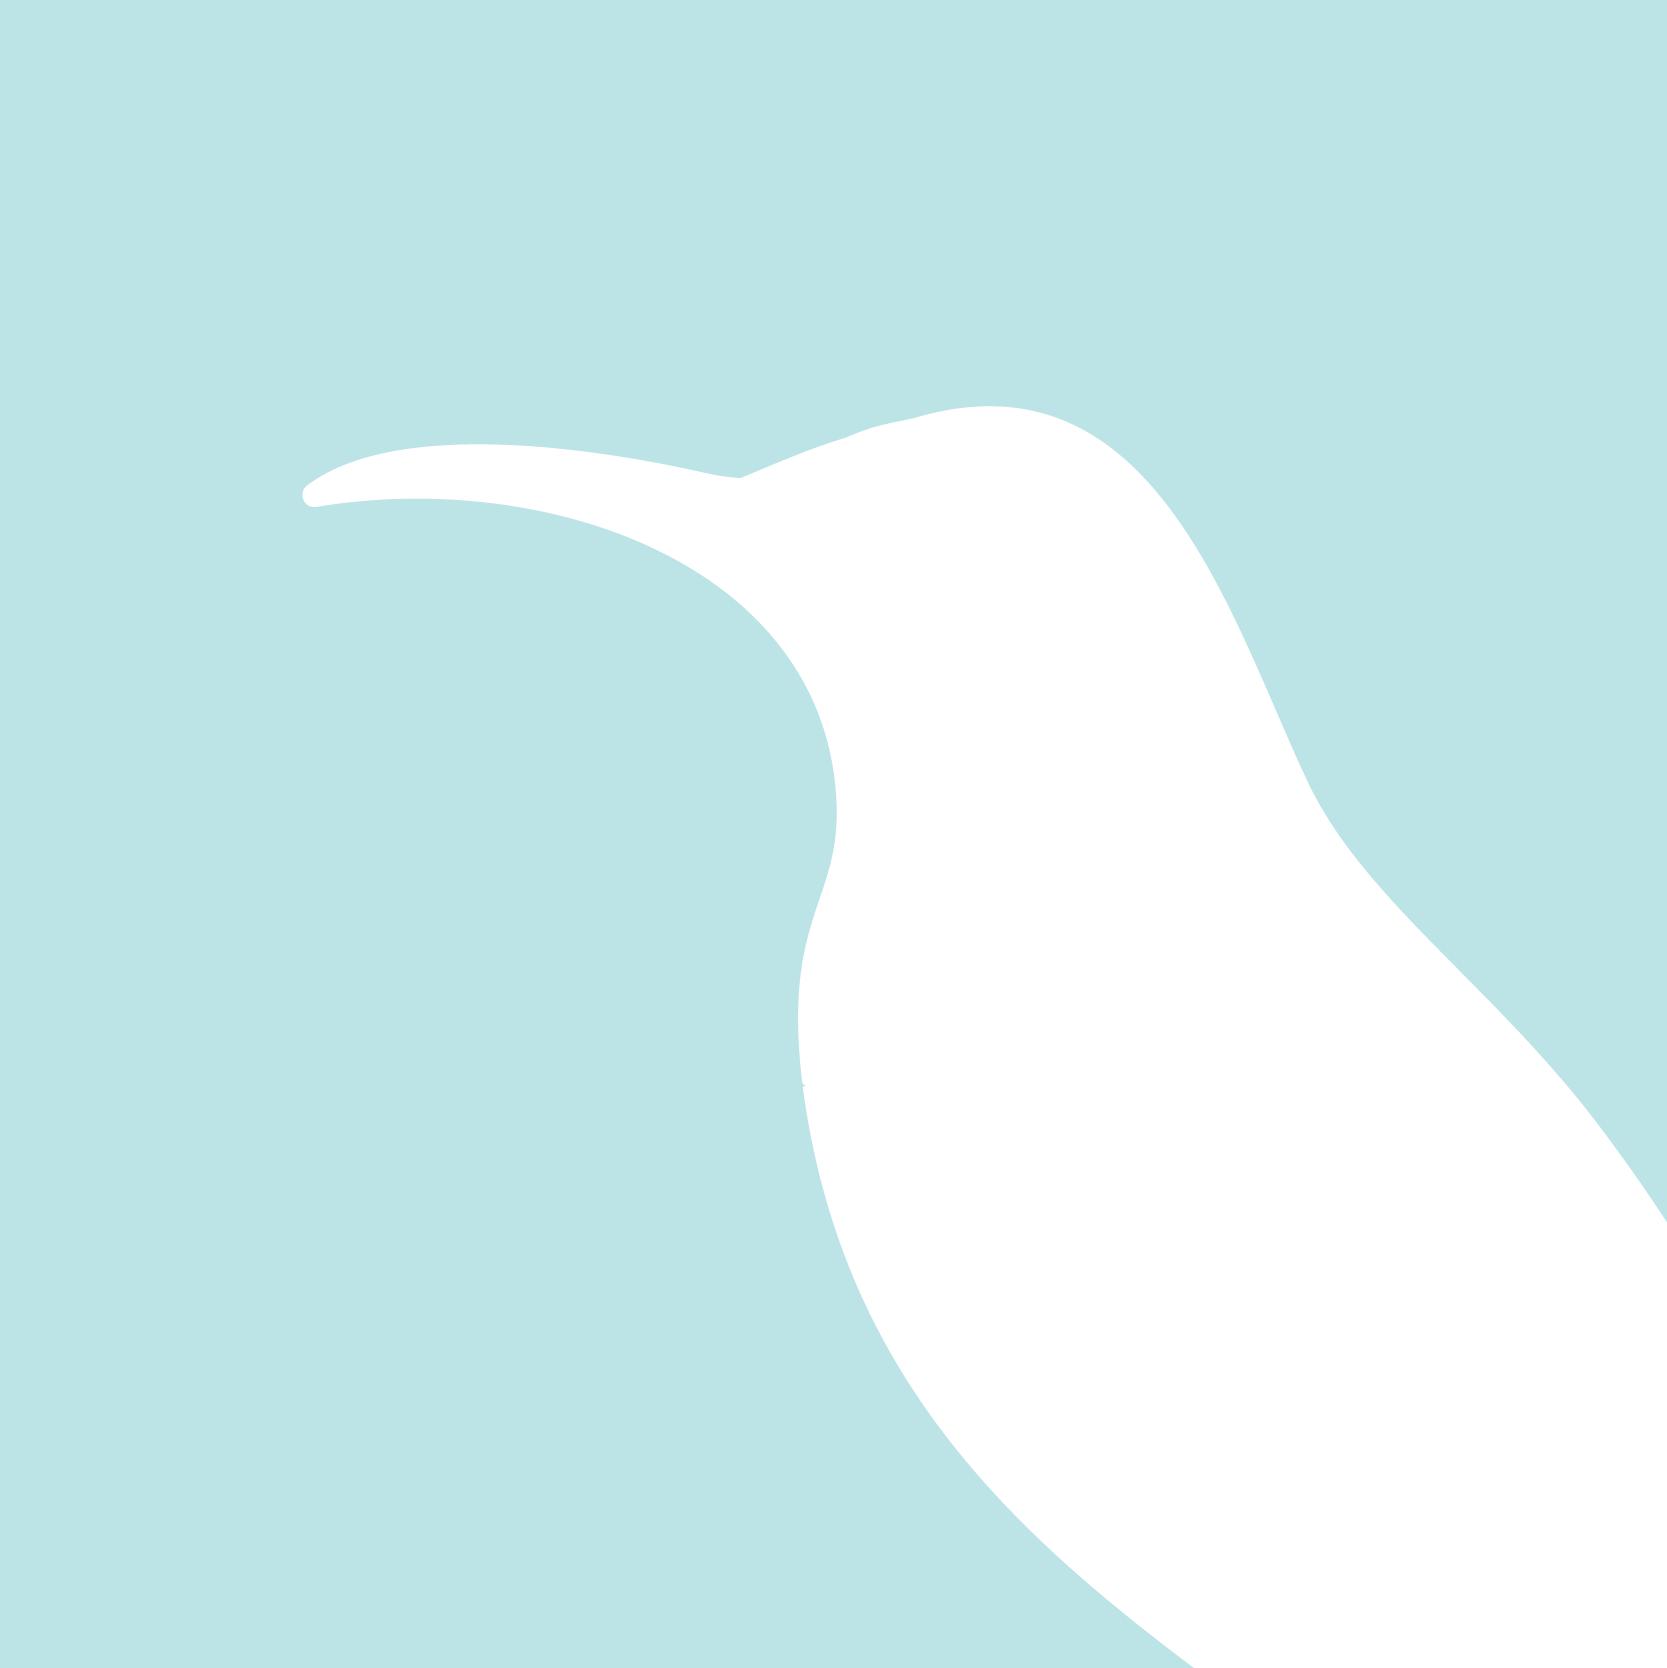 Sunbird Creative